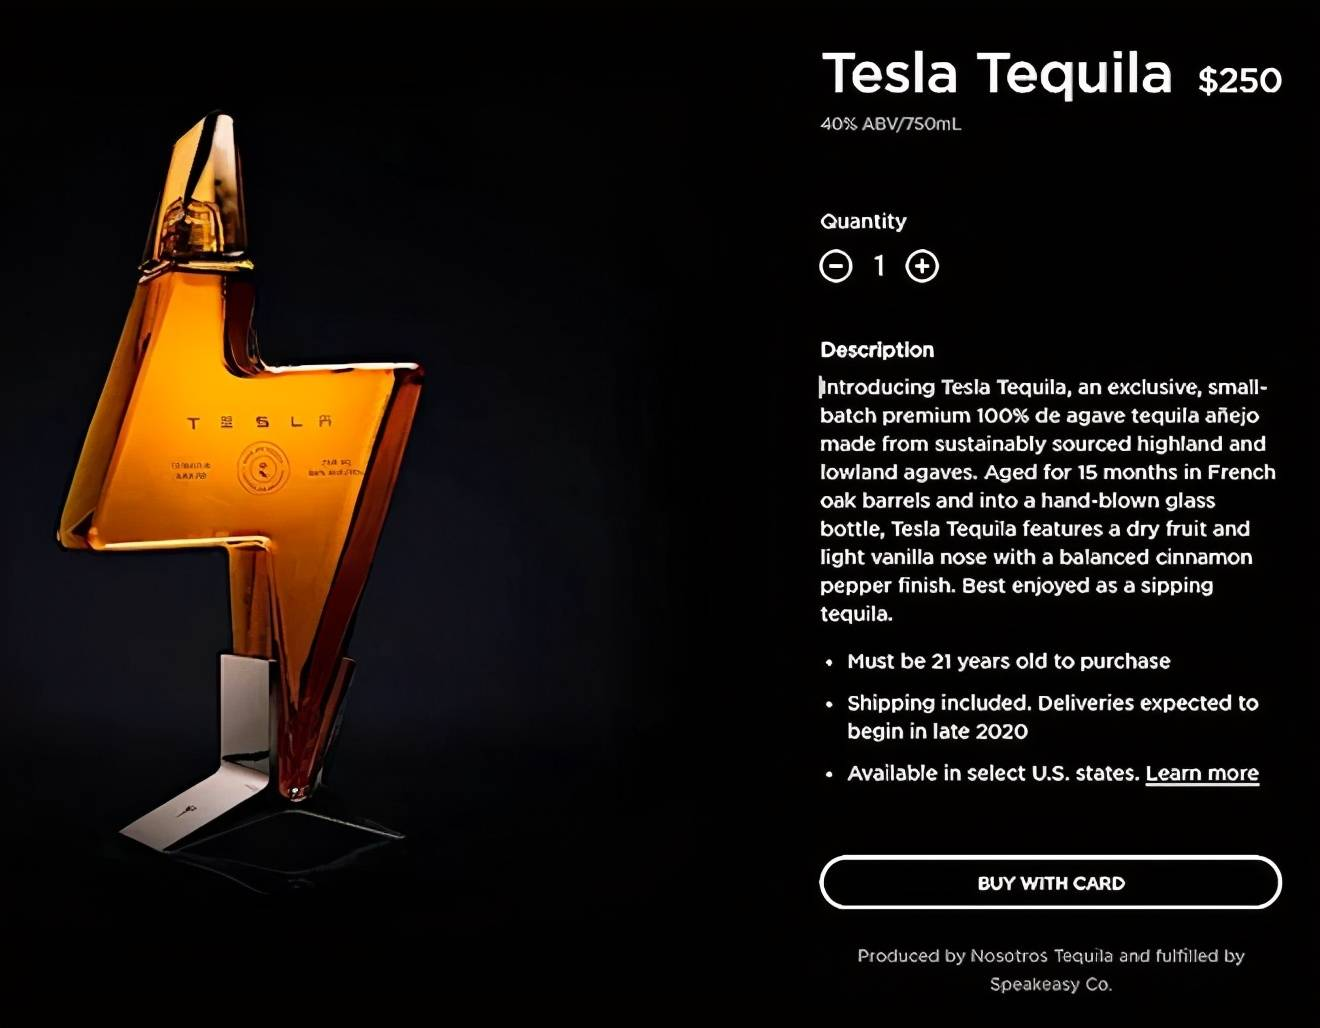 特斯拉卖酒了,特斯拉龙舌兰酒,售价高达250美元(折合人民币约1652元)!